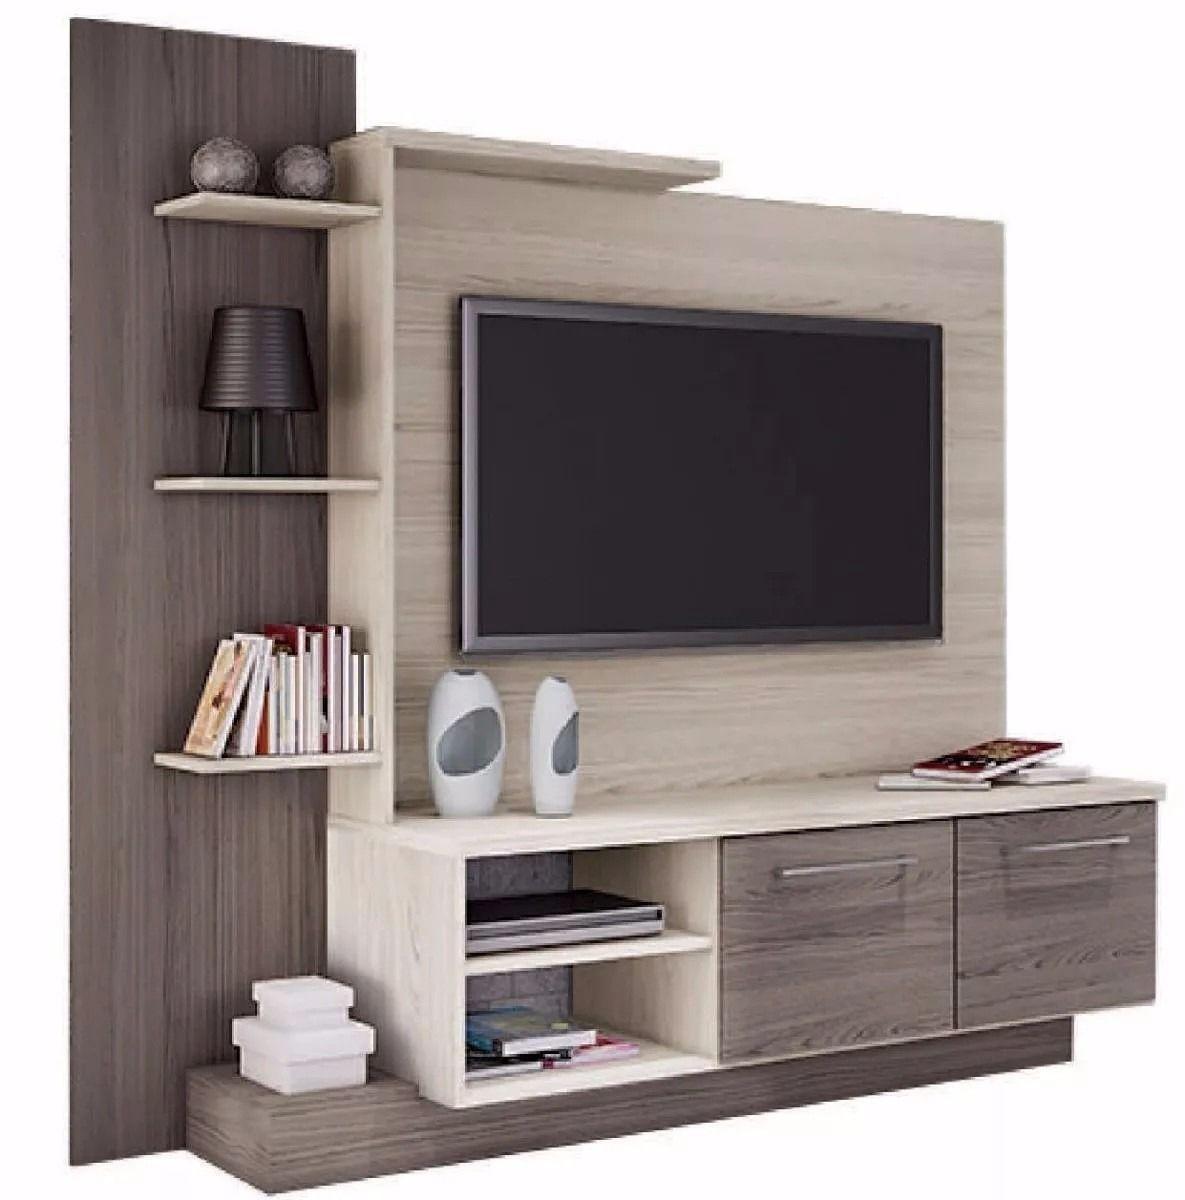 Rack mesa tv led lcd mueble de comedor modular home for Modulares para comedor